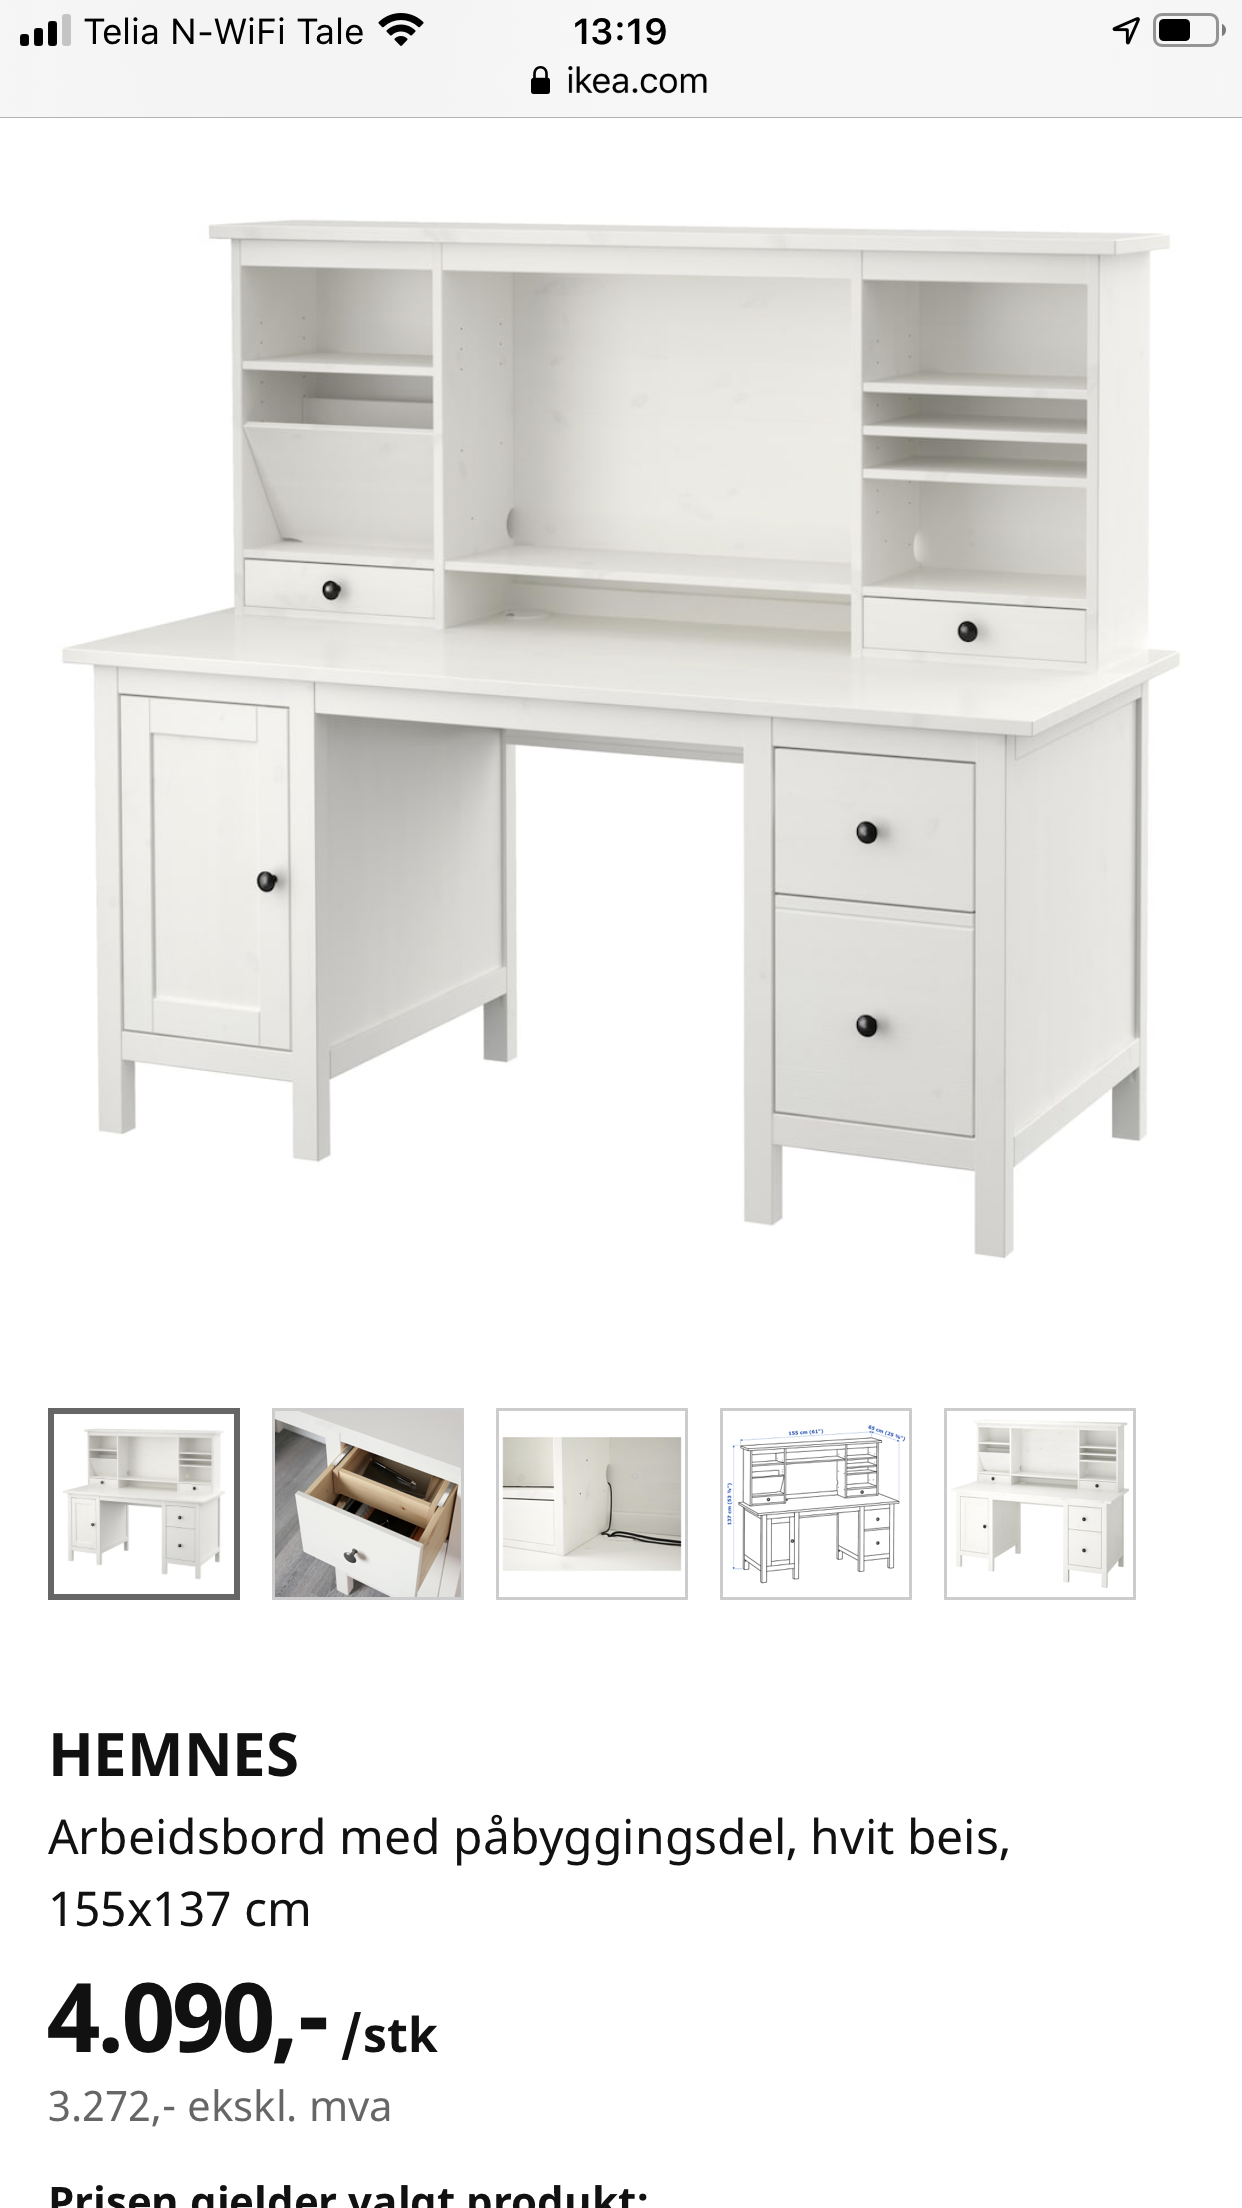 Hemnes skrivebord og Stol fra IKEA | FINN.no